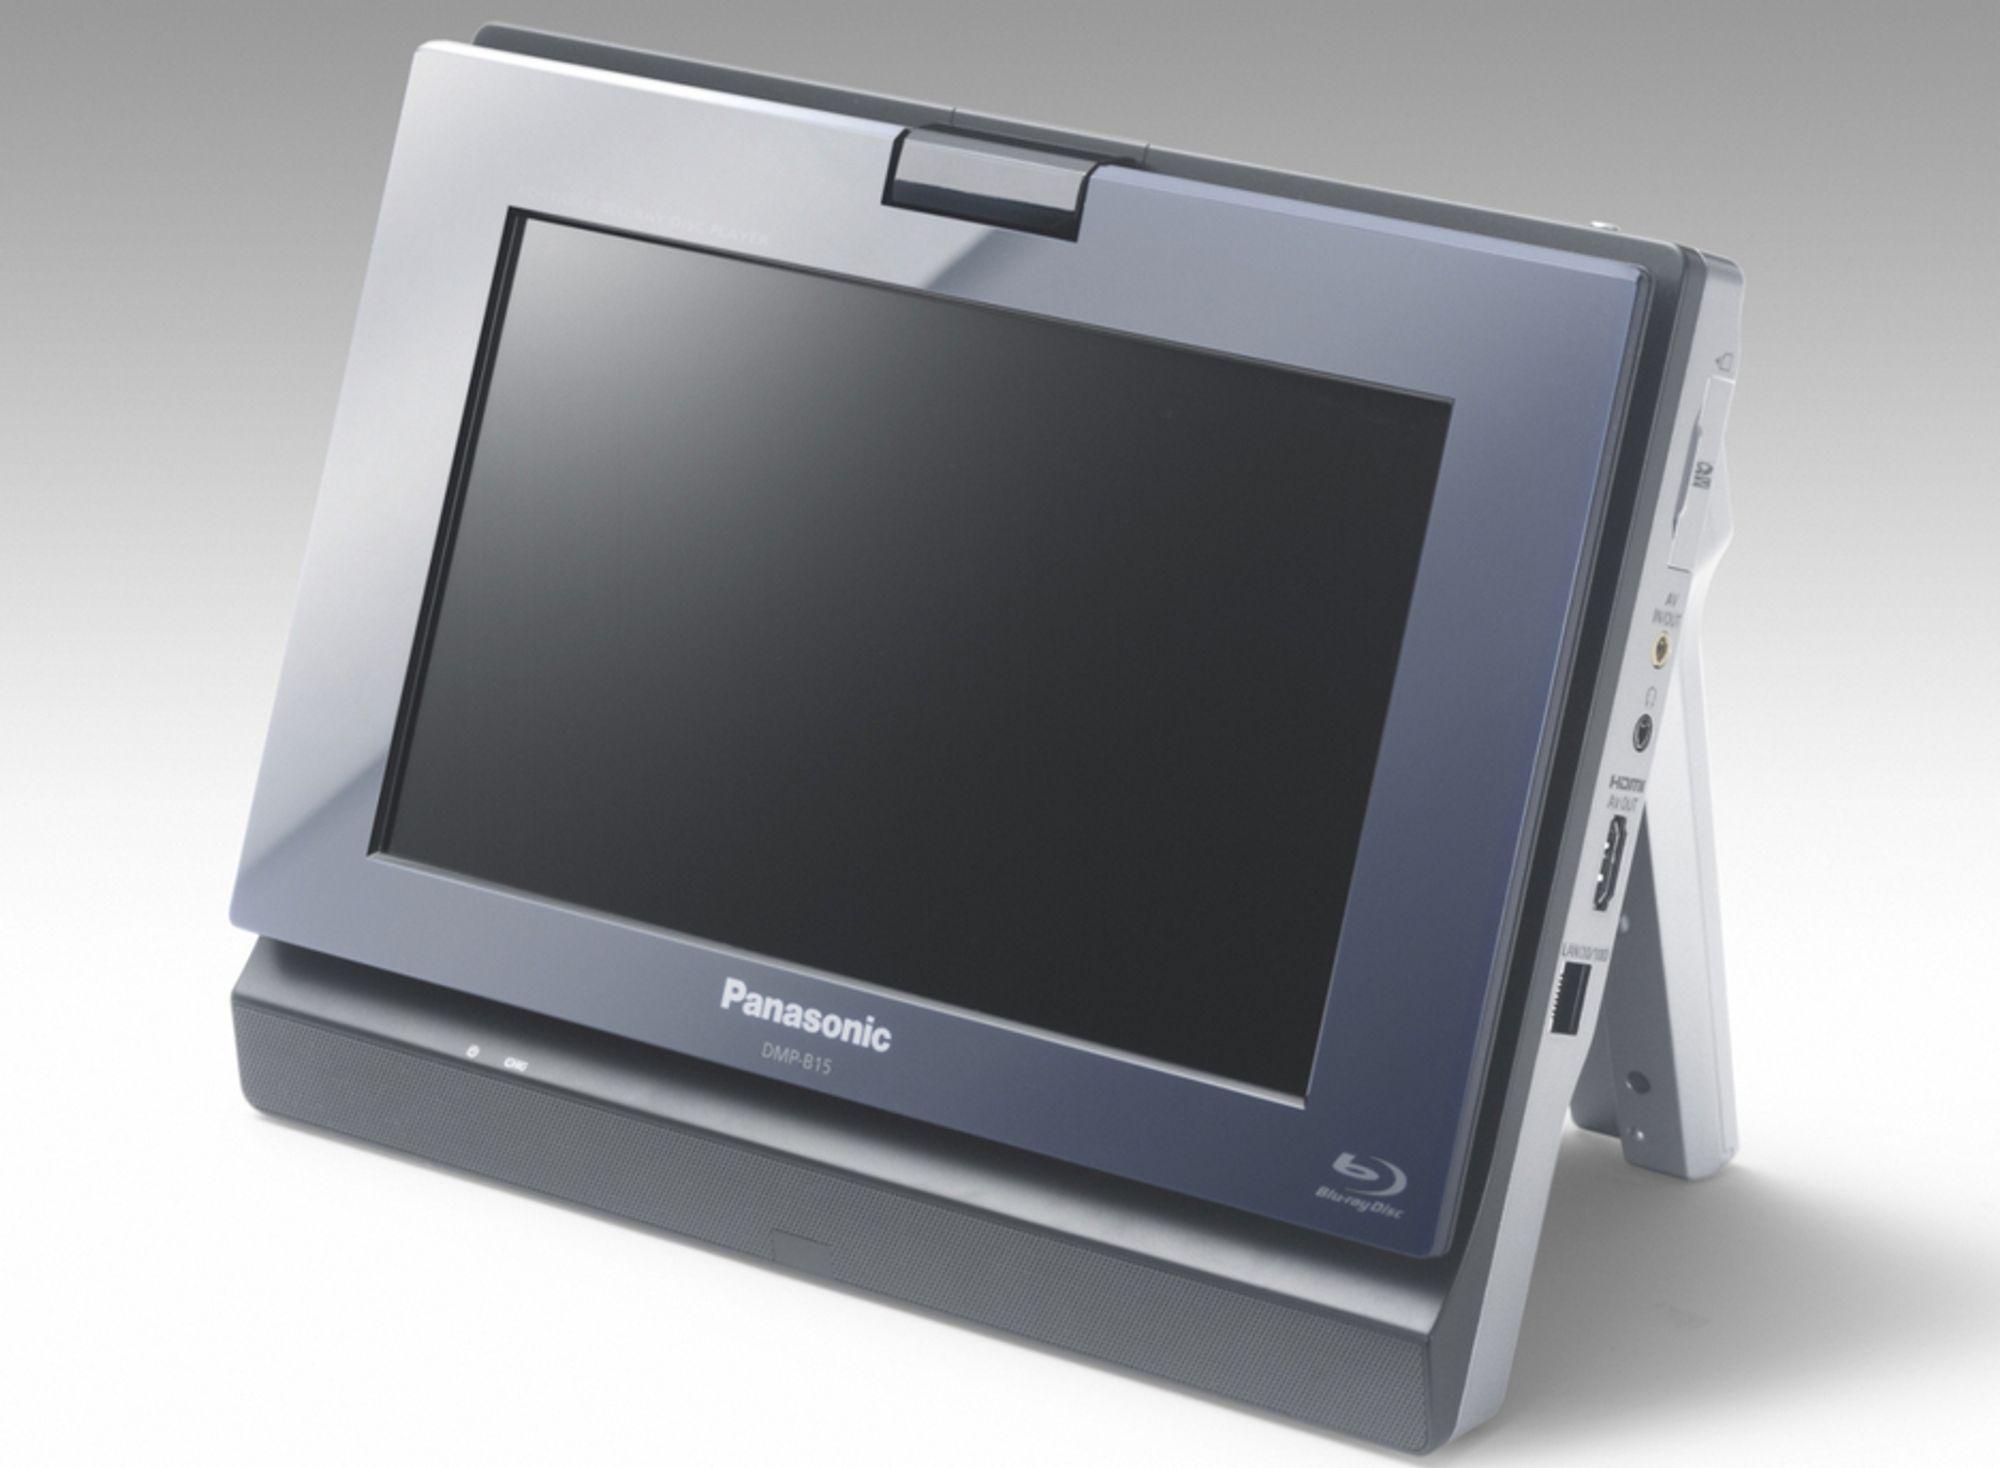 VERDENS FØRSTE: Slik ser den ut, Panasonics bærbare blu-ray-spiller DMP-B15.